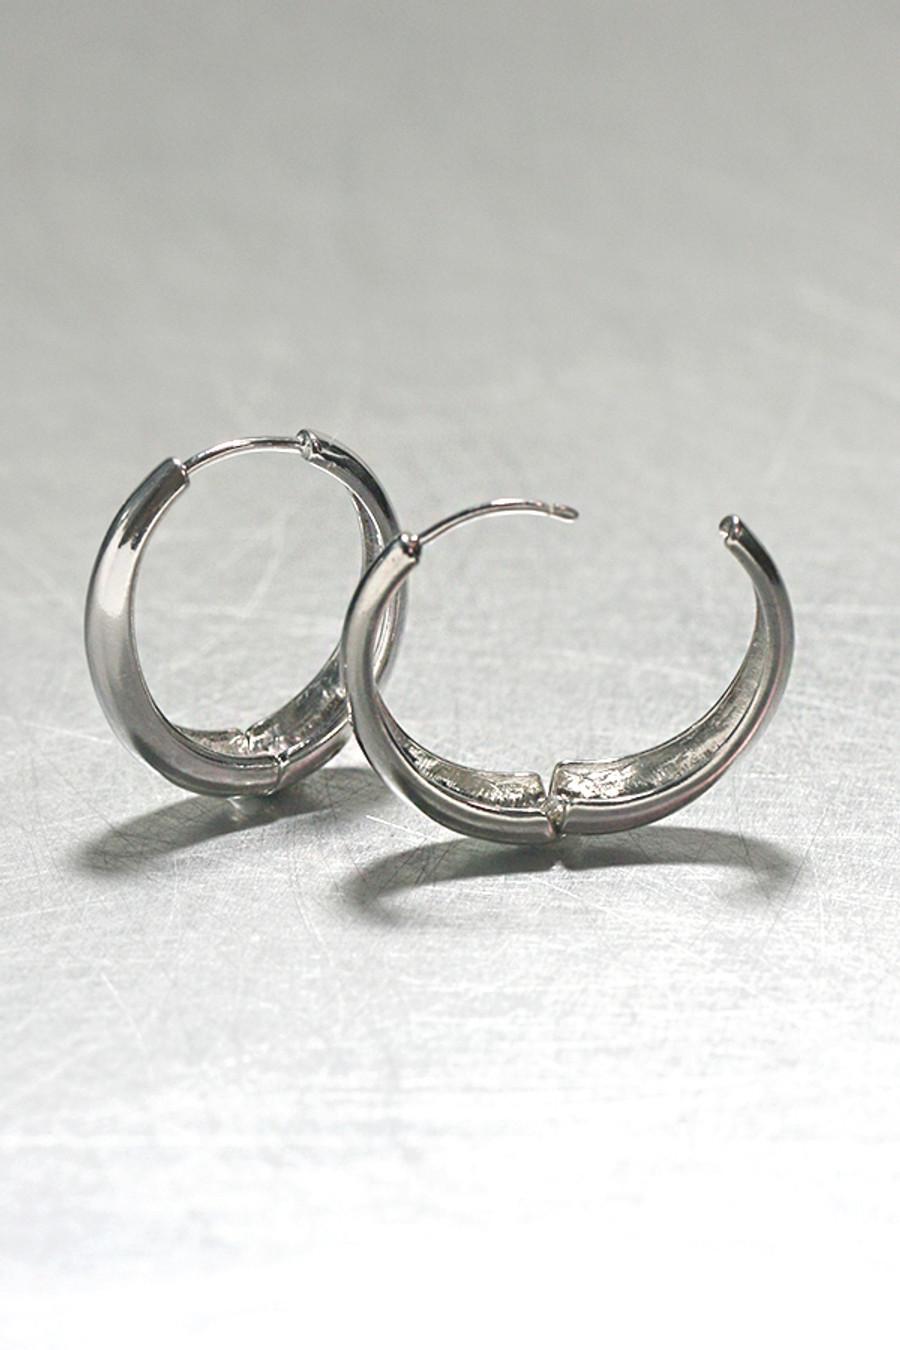 sterling Silver Hinge Oval Hoop Earrings 25mm from kellinsilver.com